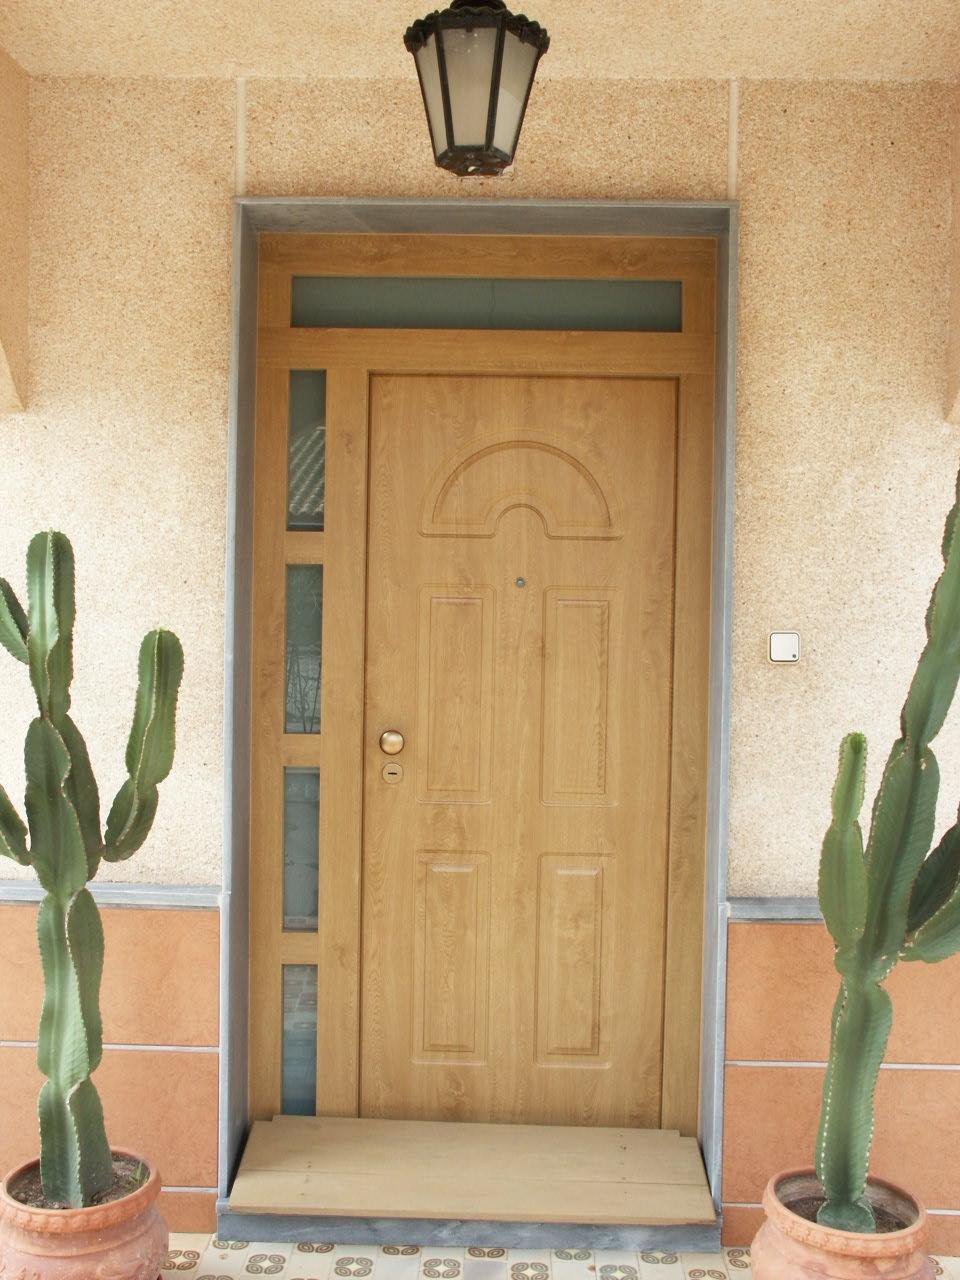 Galería de fotos y ejemplos de puertas | Tecemur